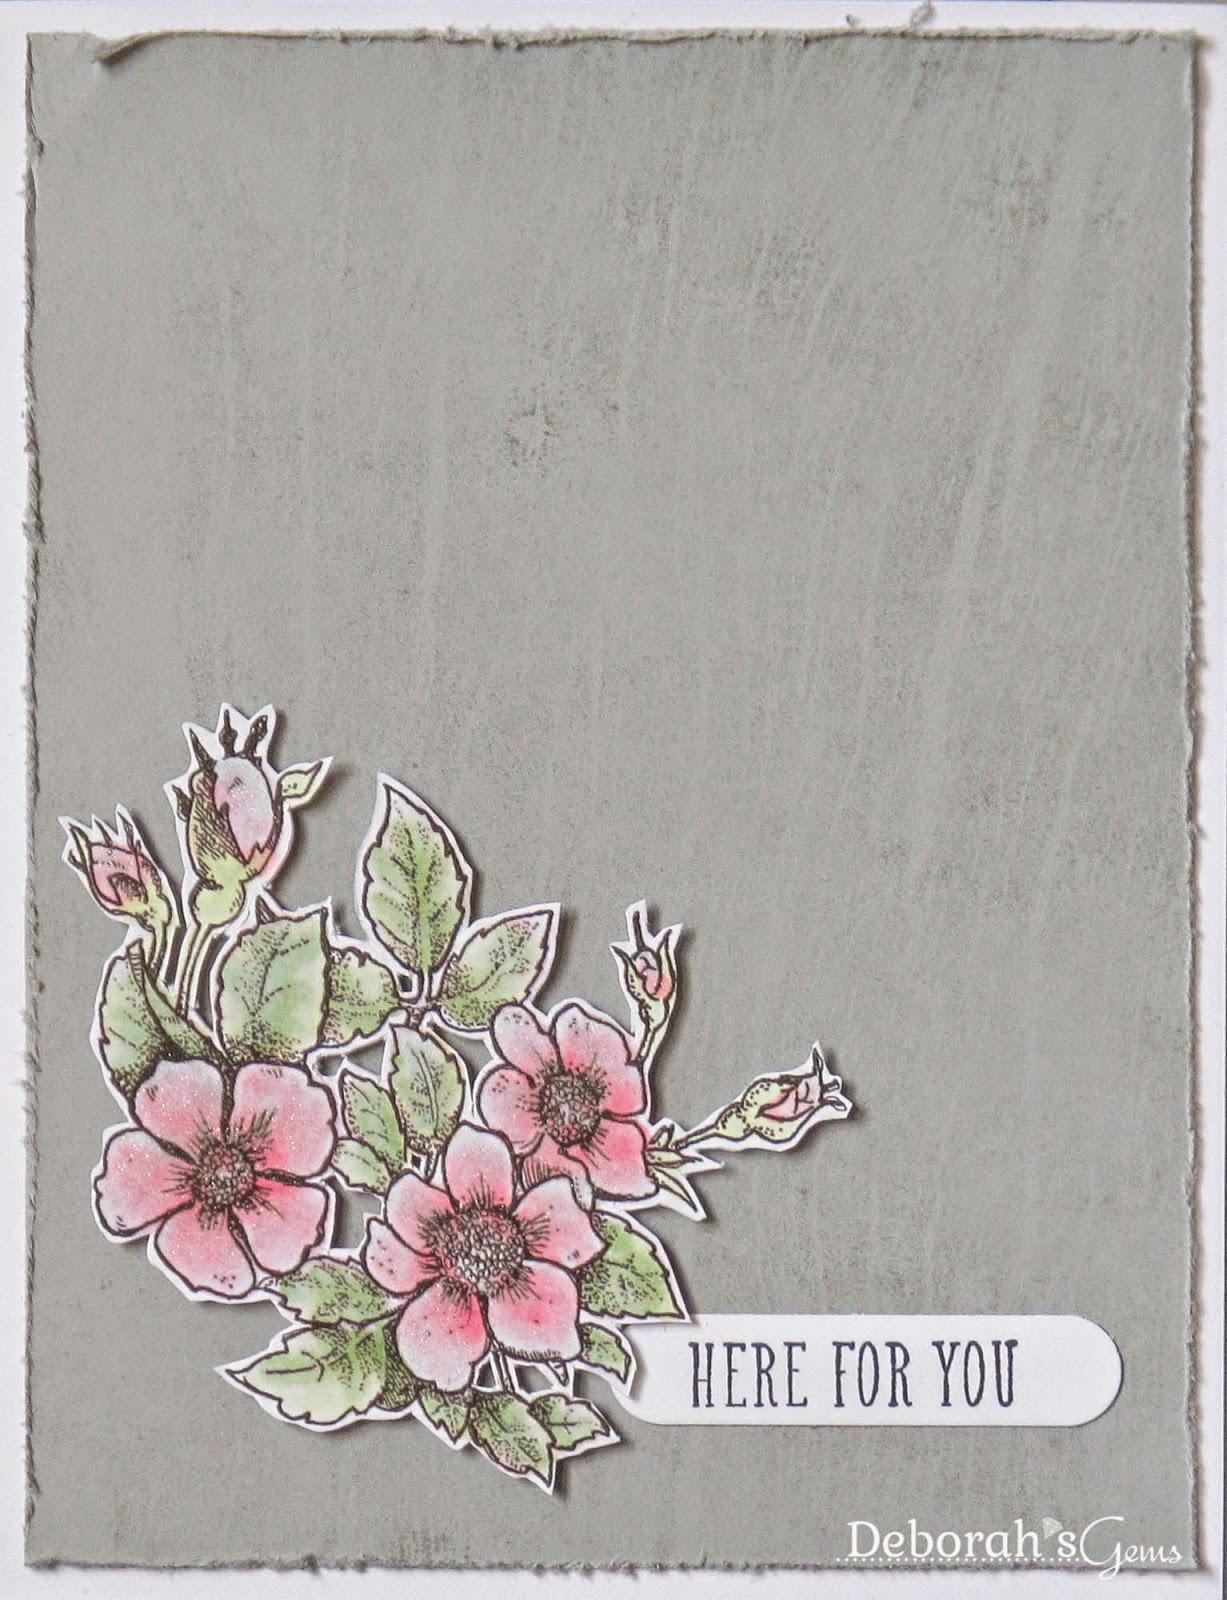 Here for You - photo by Deborah Frings - Deborah's Gems